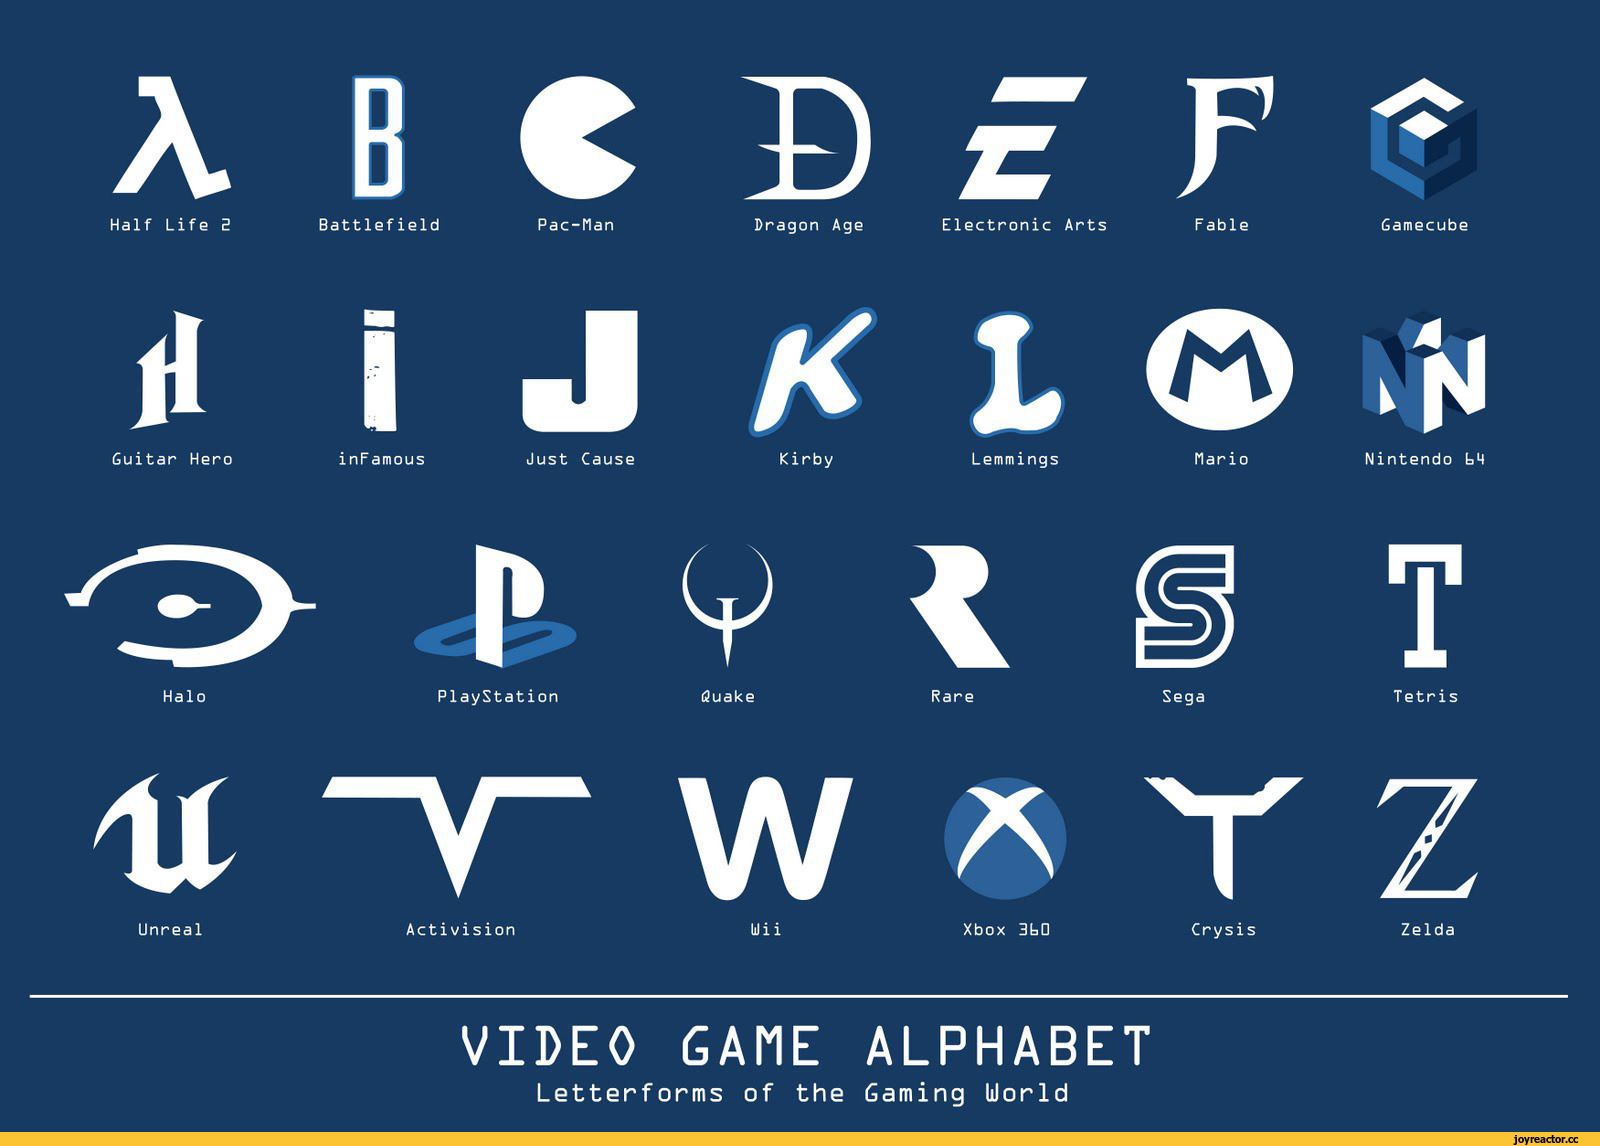 alfabeto gamer - meme